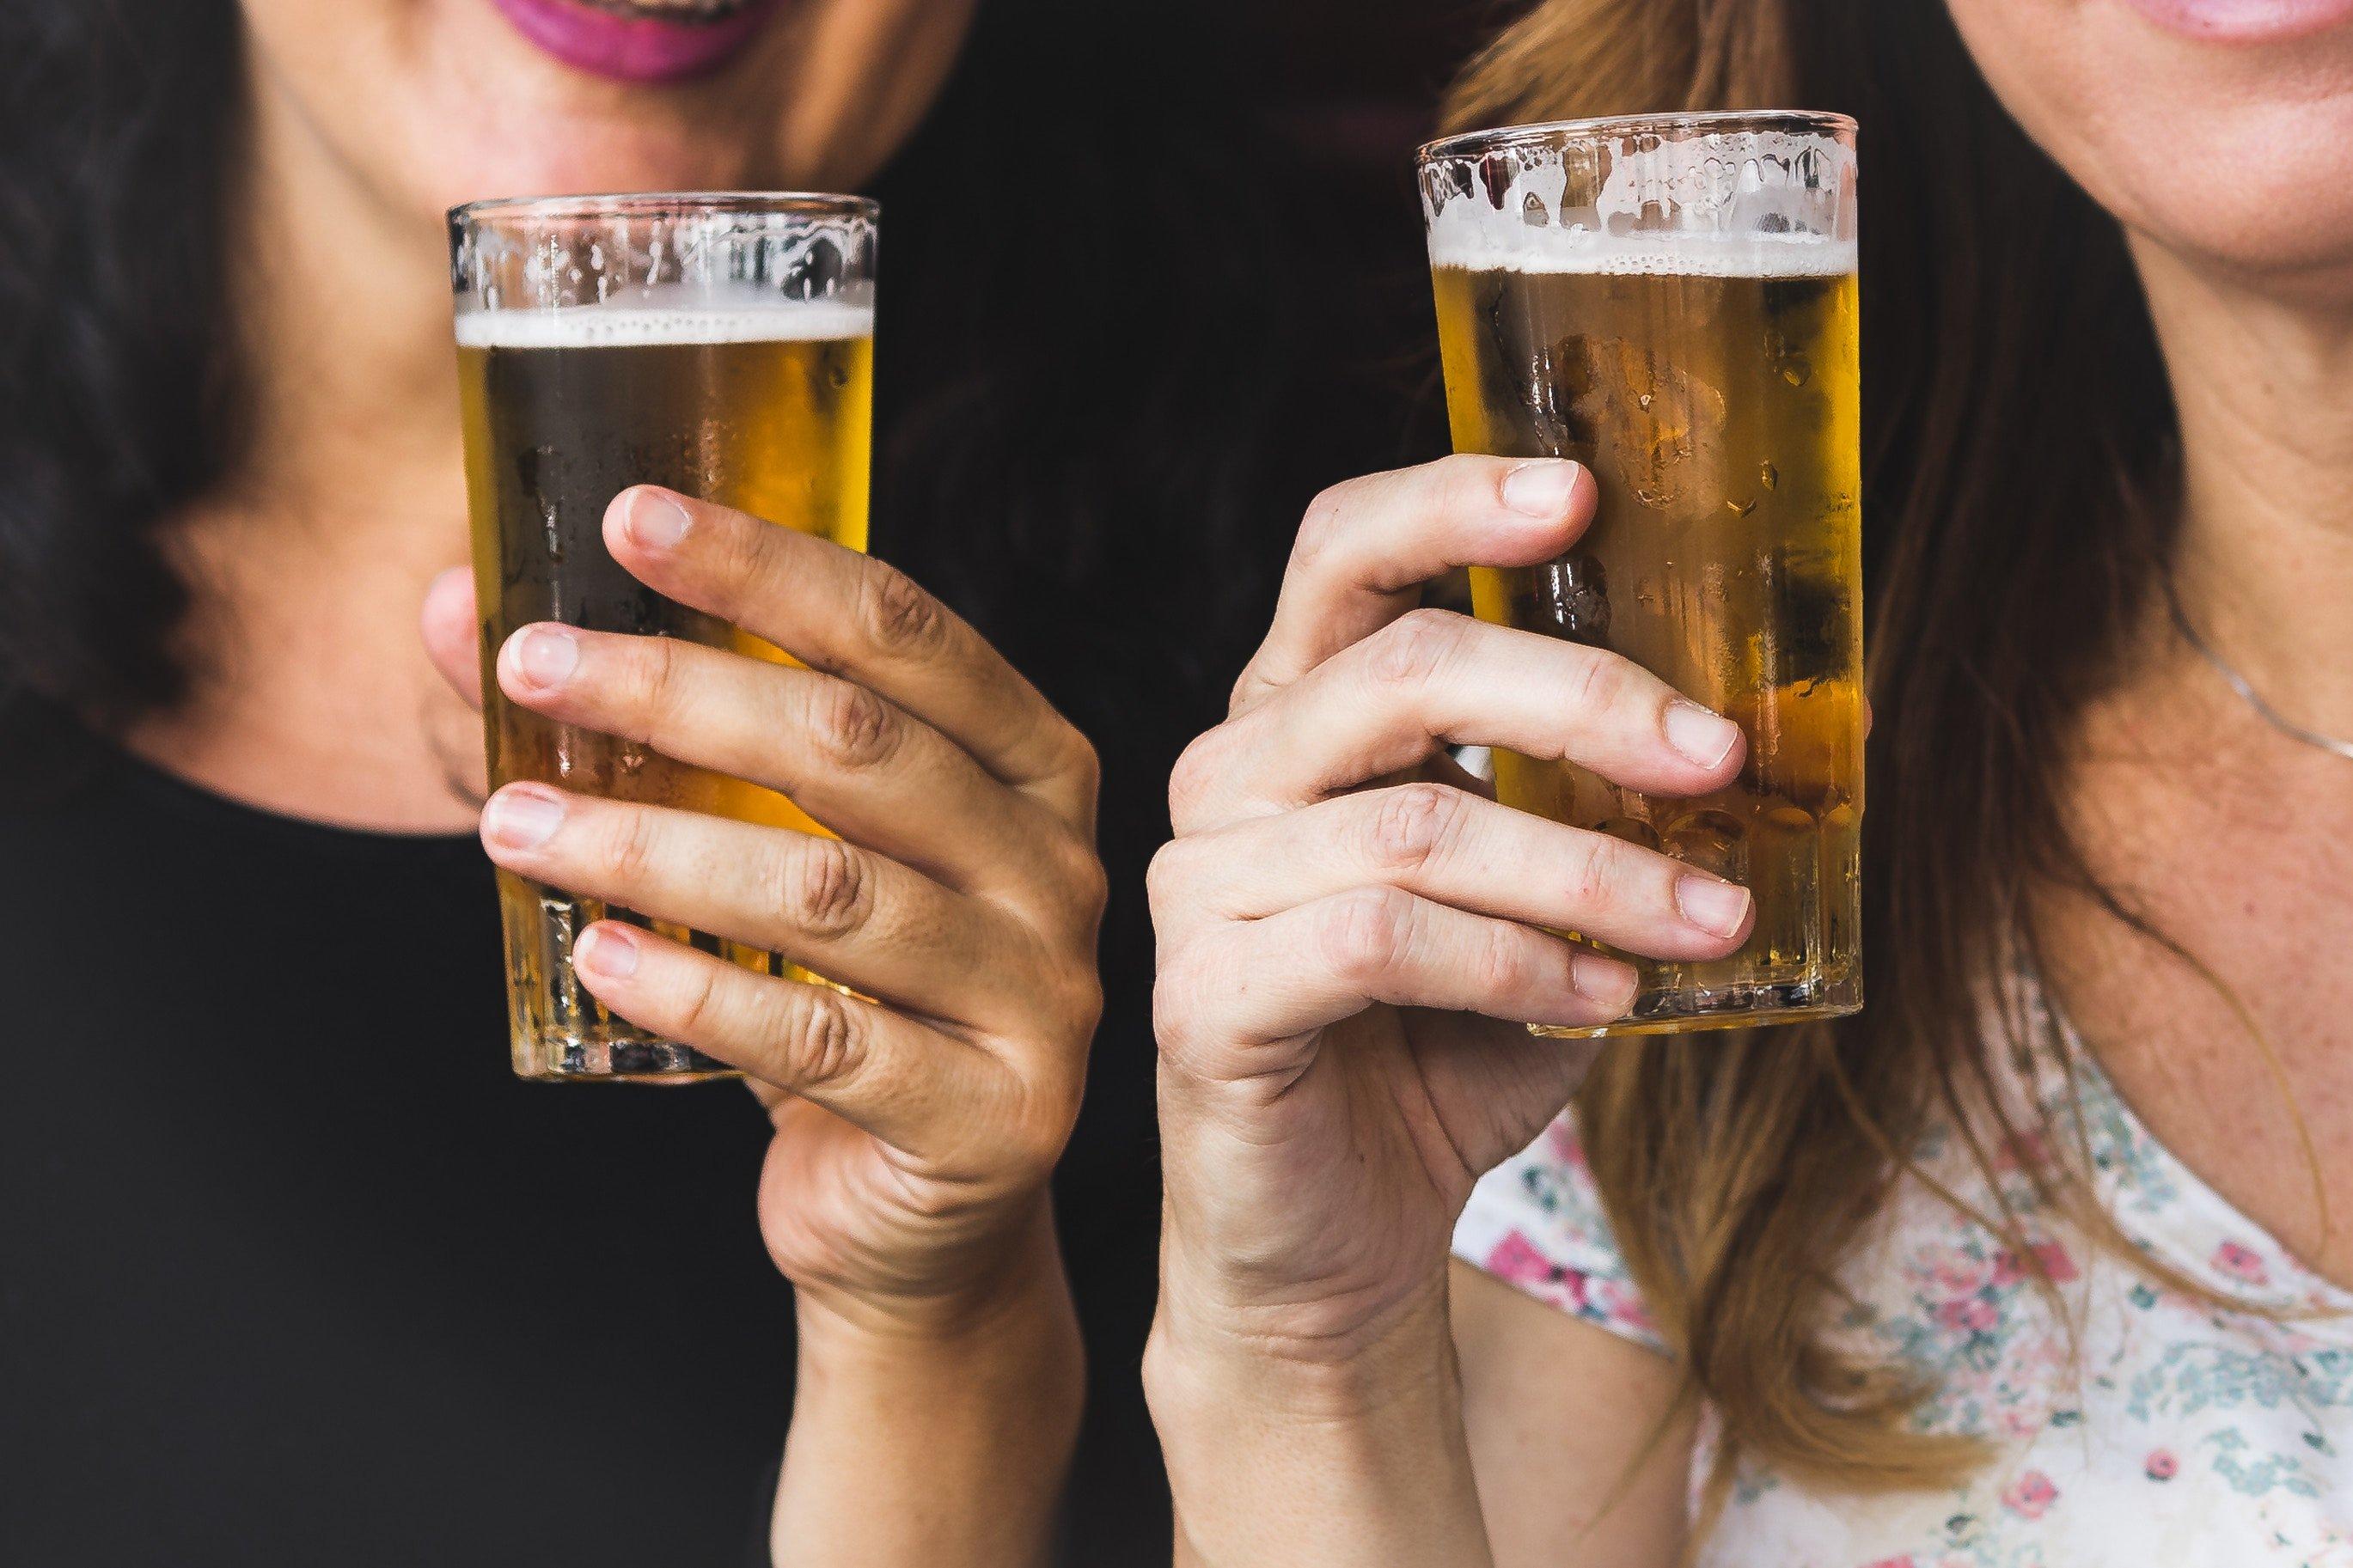 paloma a 439191 unsplash.jpg?resize=1200,630 - Cerveja é a melhor aliada contra as rugas, dizem os cientistas